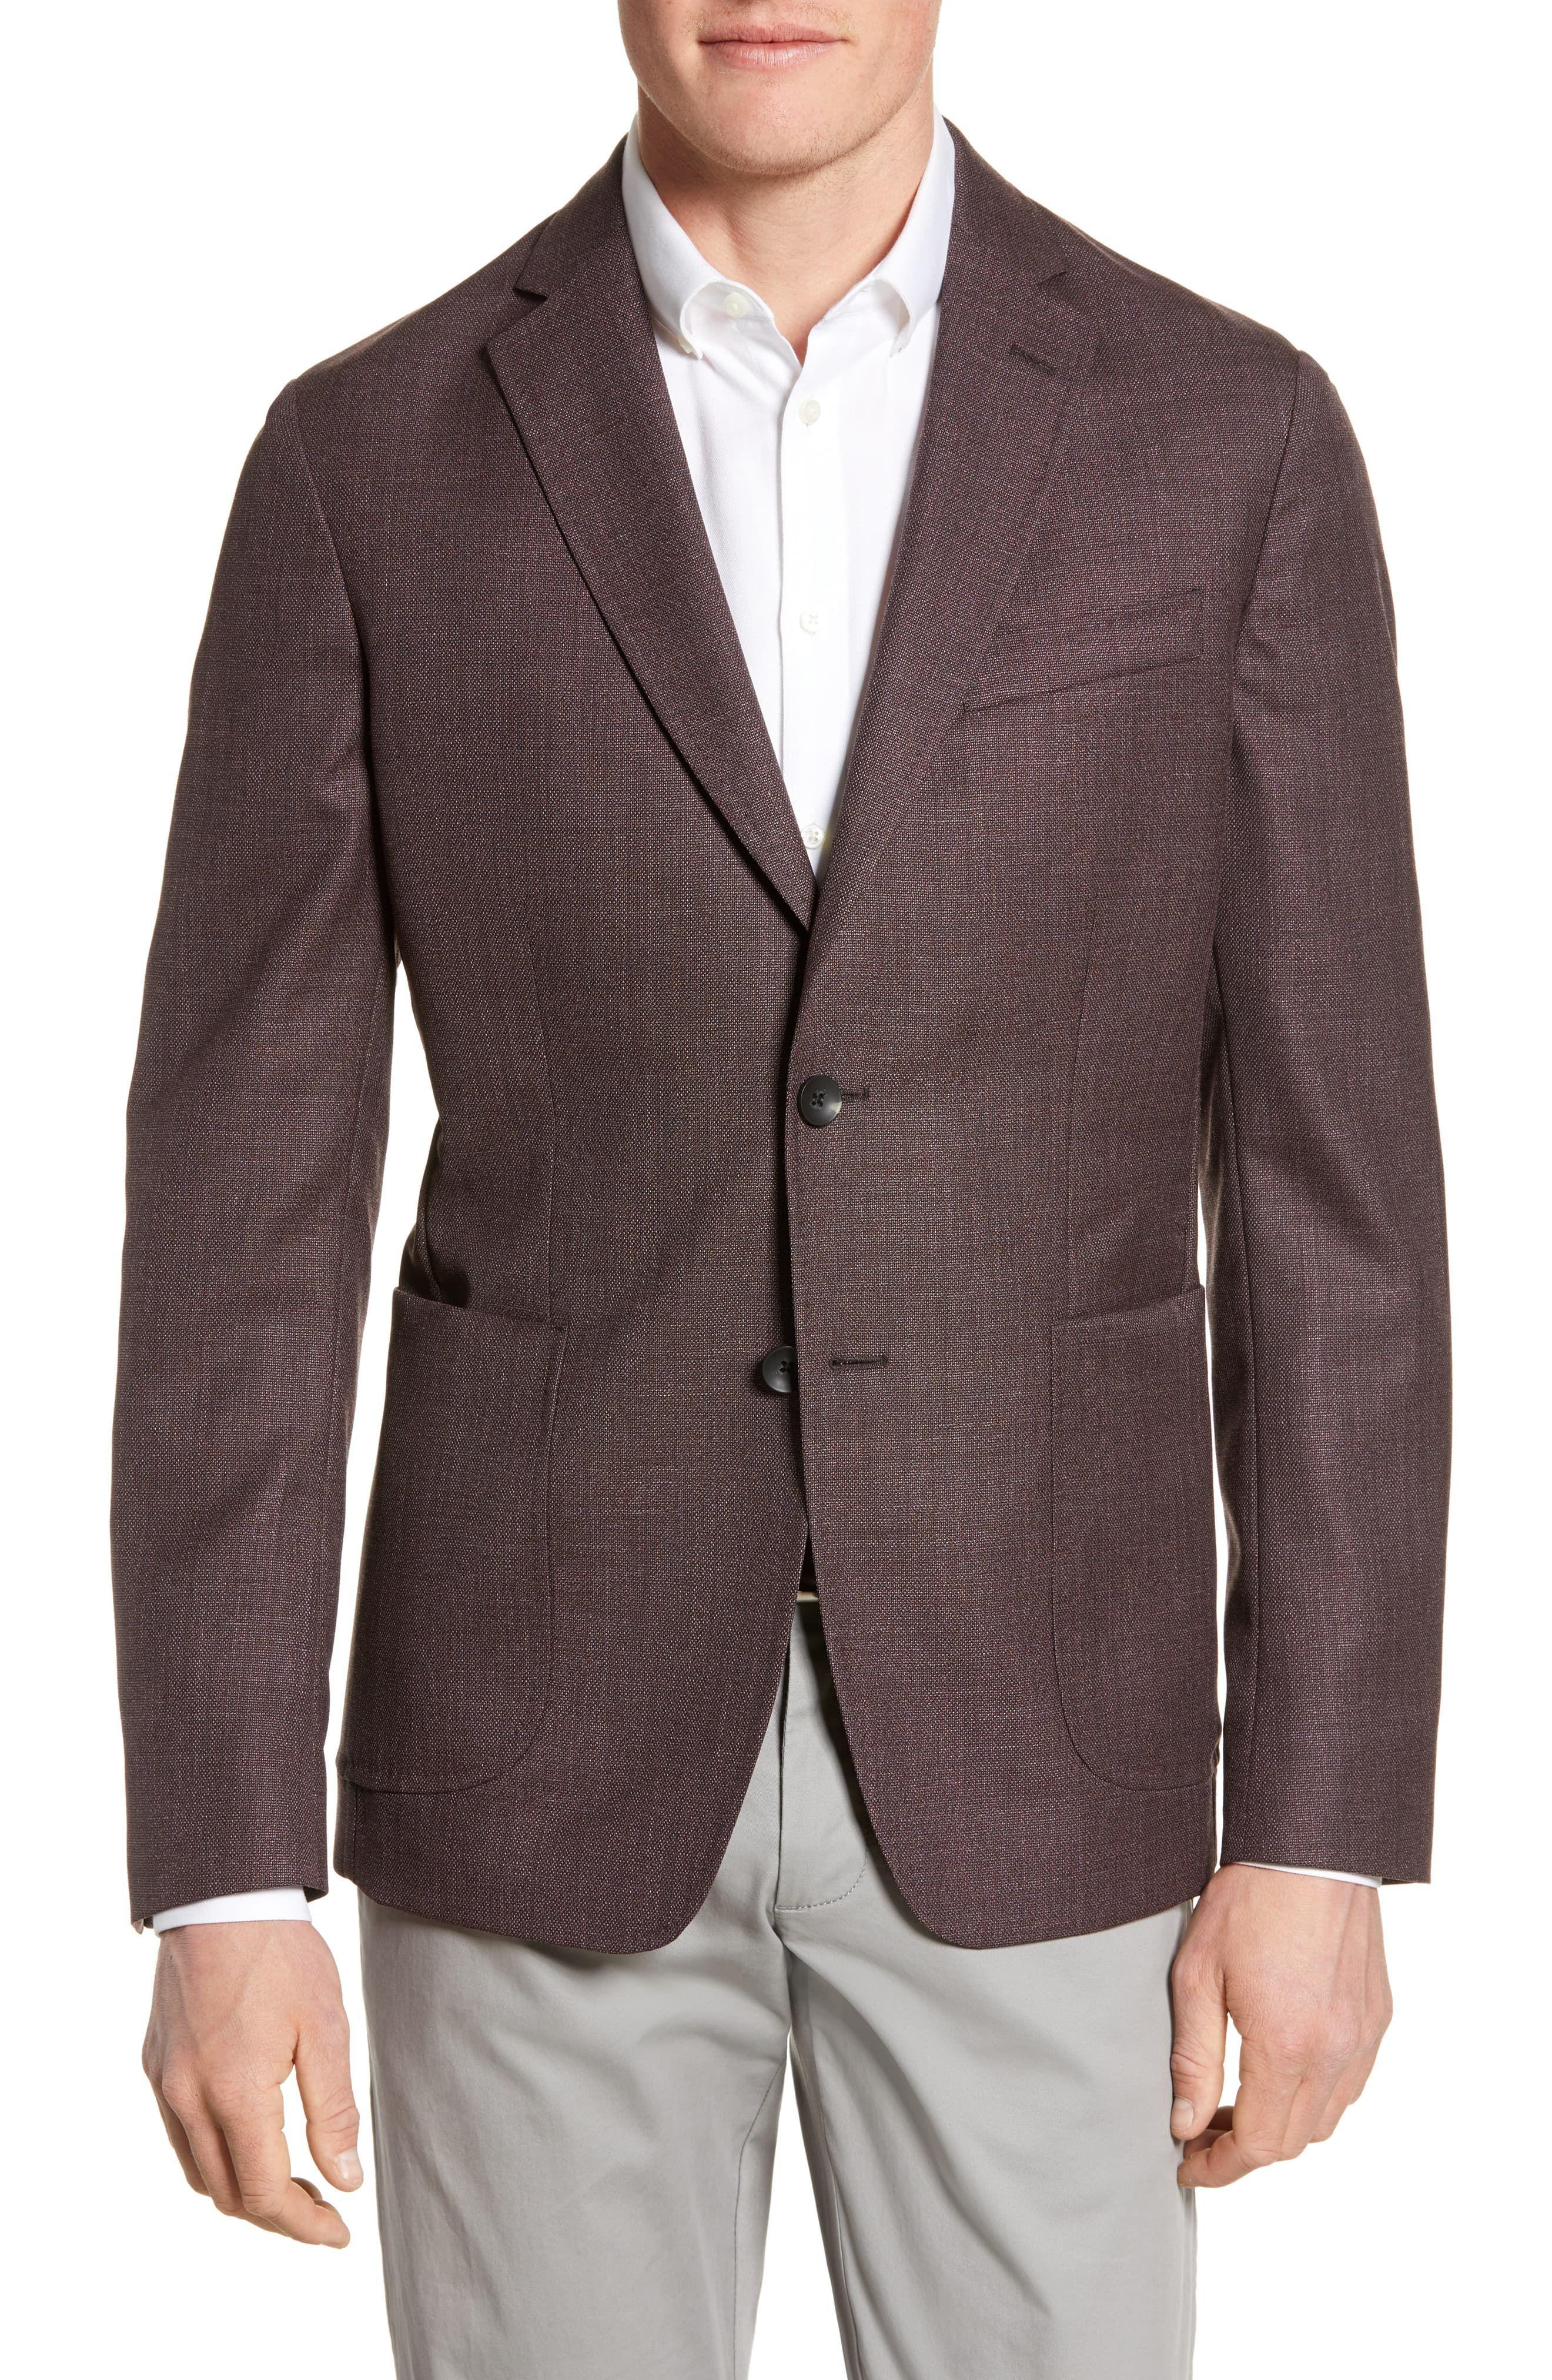 1901 Extra Trim Fit Wool Sport Coat Sport coat, Casual